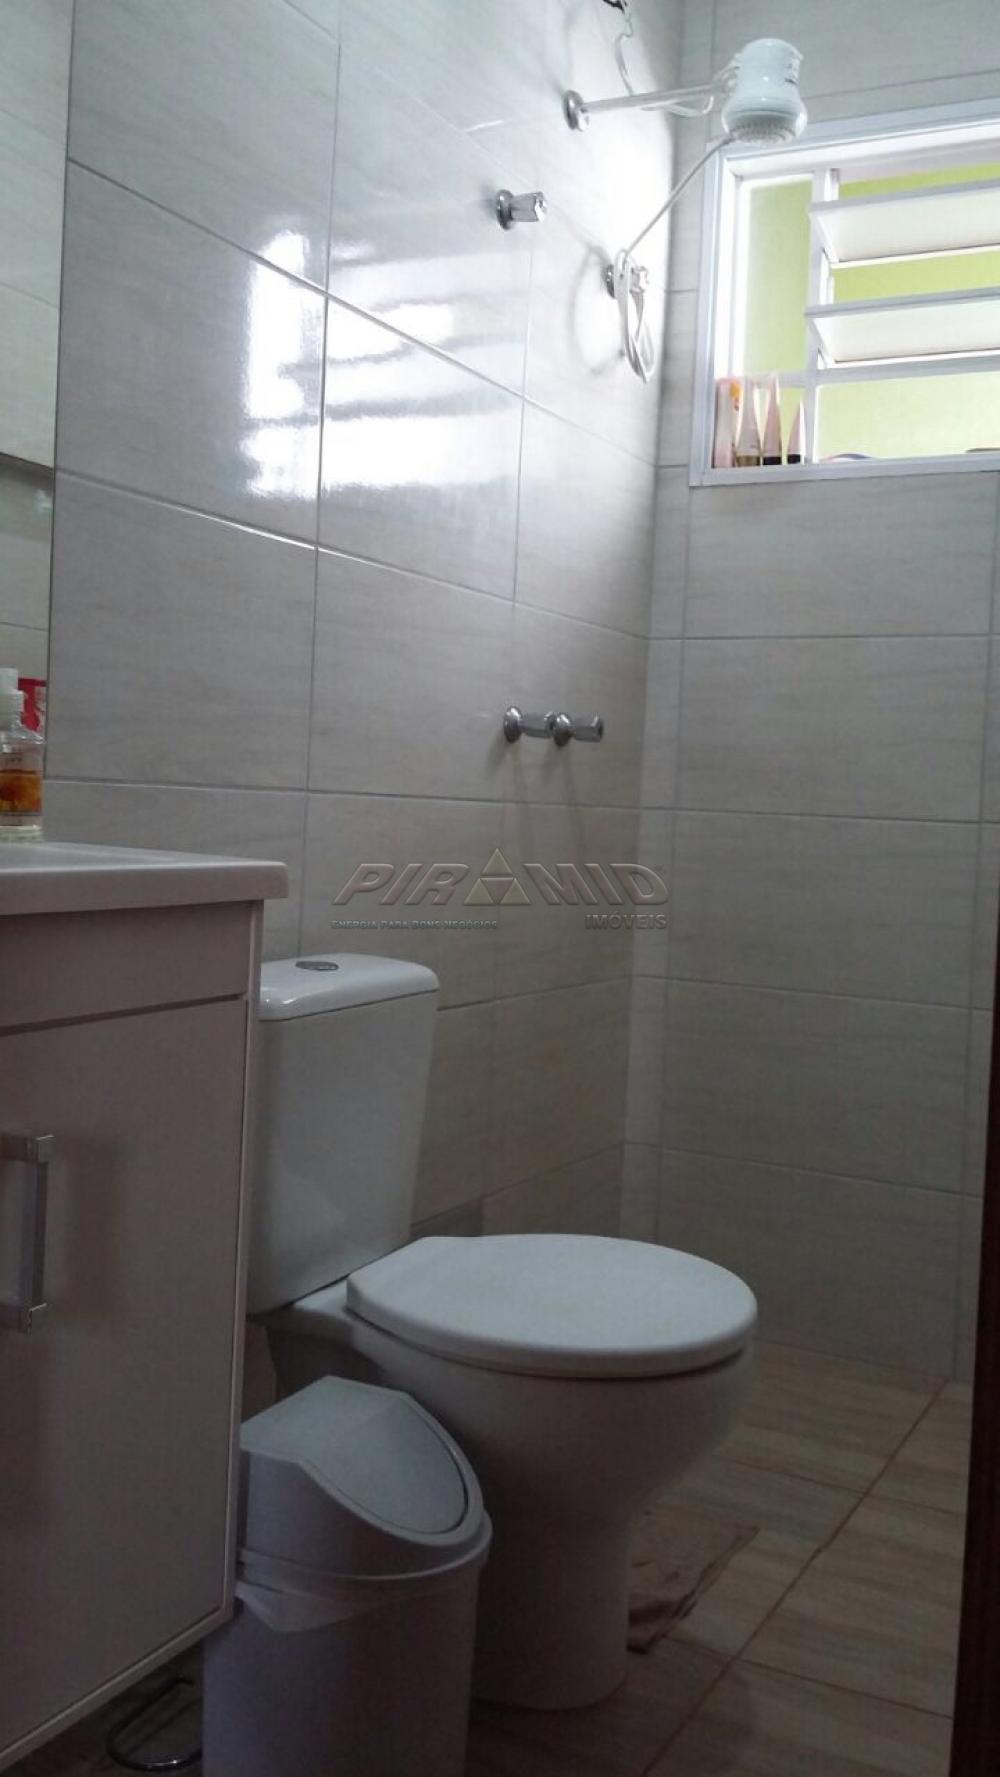 Comprar Casa / Padrão em Ribeirão Preto R$ 250.000,00 - Foto 8